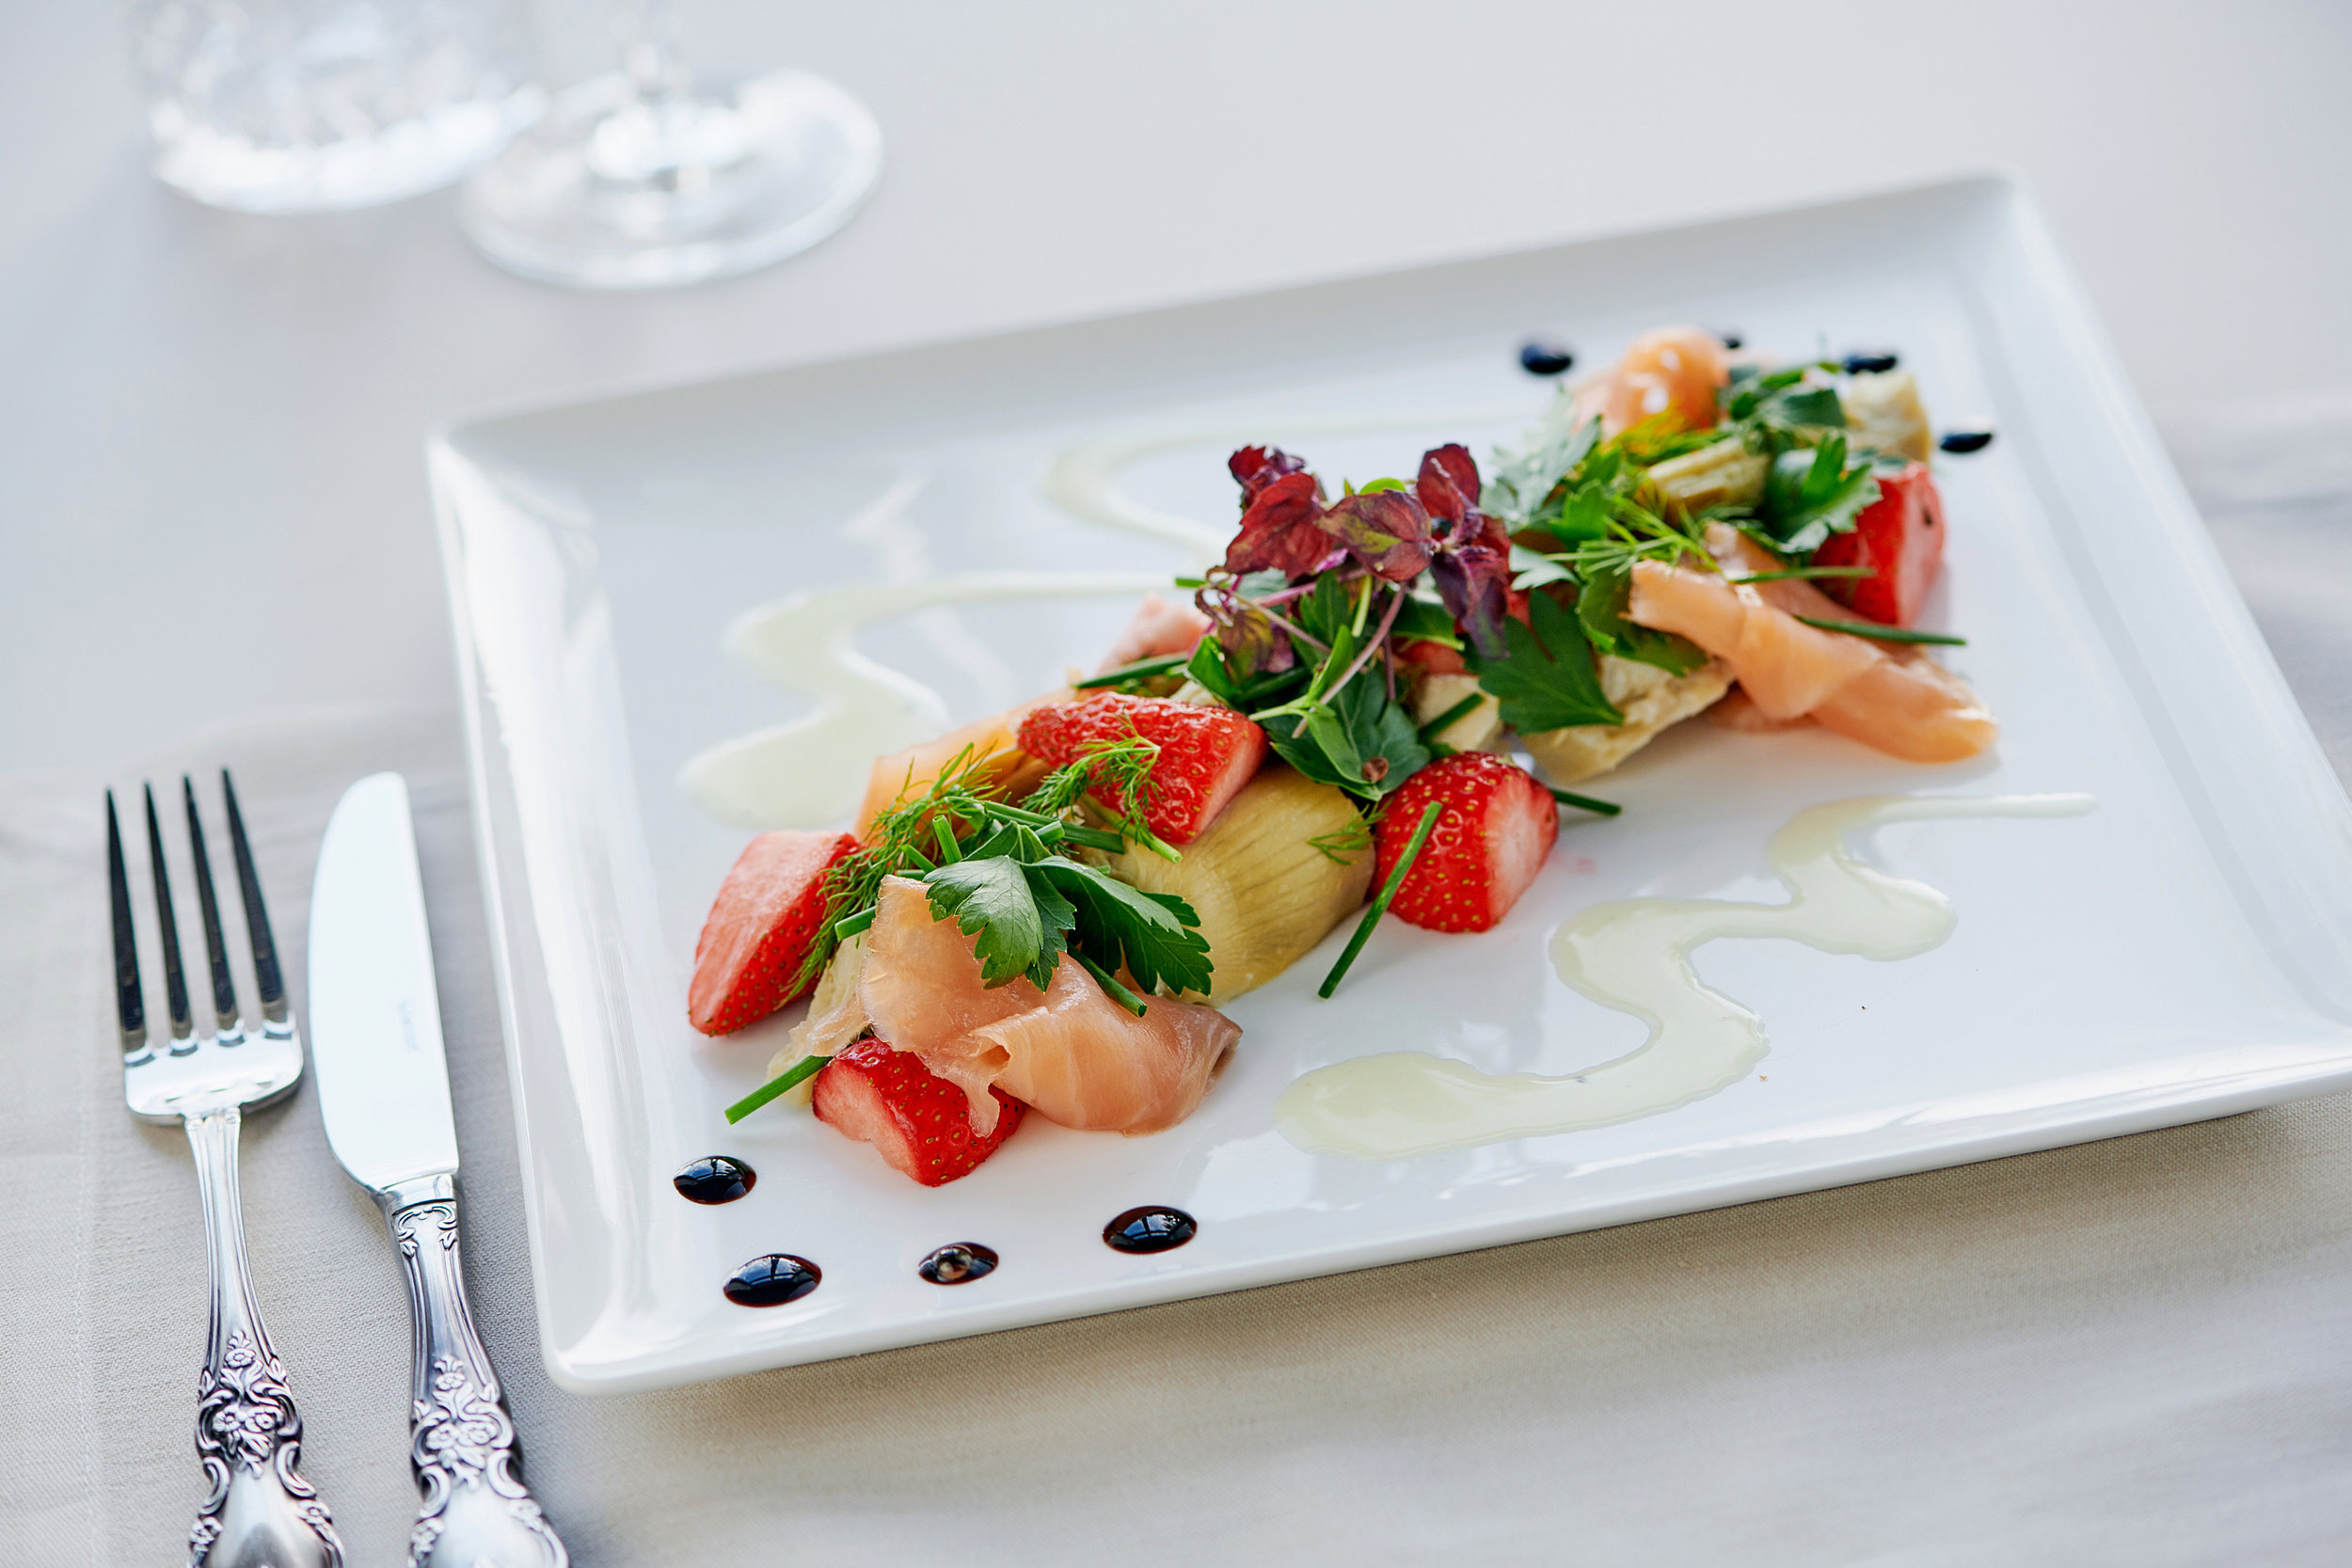 Restaurant_Zuerichberg_Sorell_Hotel_Zuerichberg_Food_1.jpg